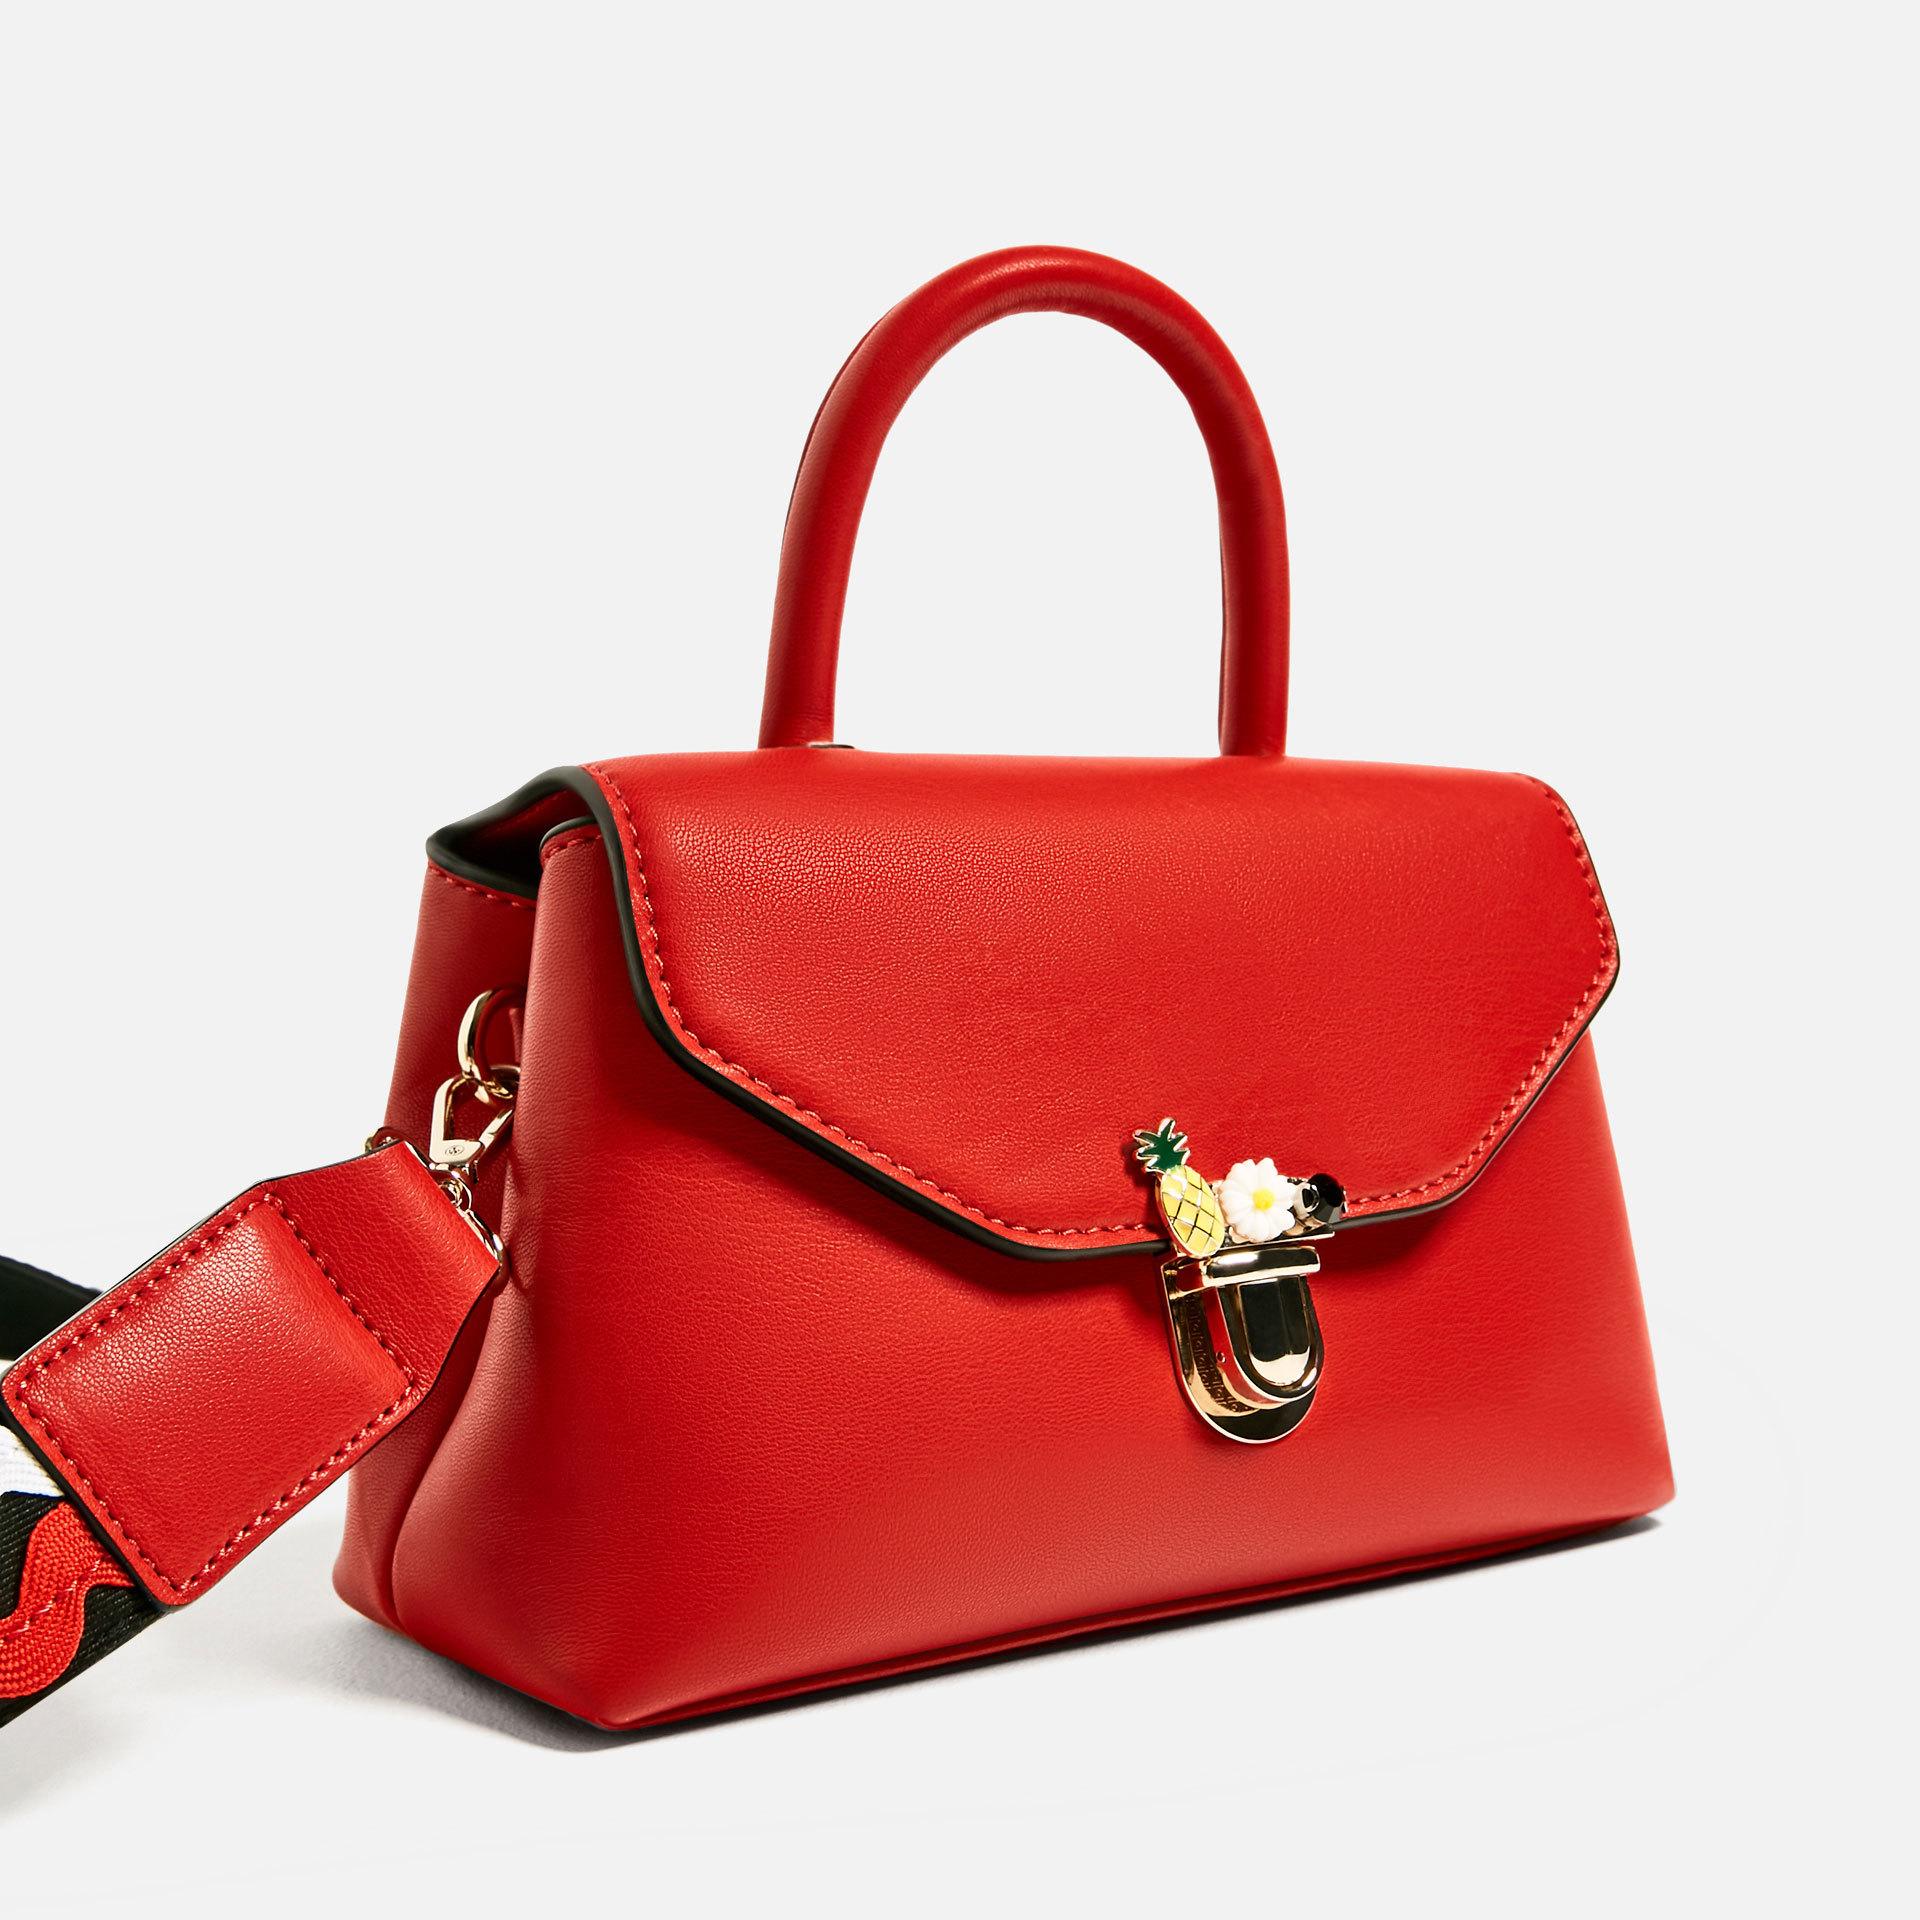 Bolso bandolera rojo. De Zara ( 25,95 euros).